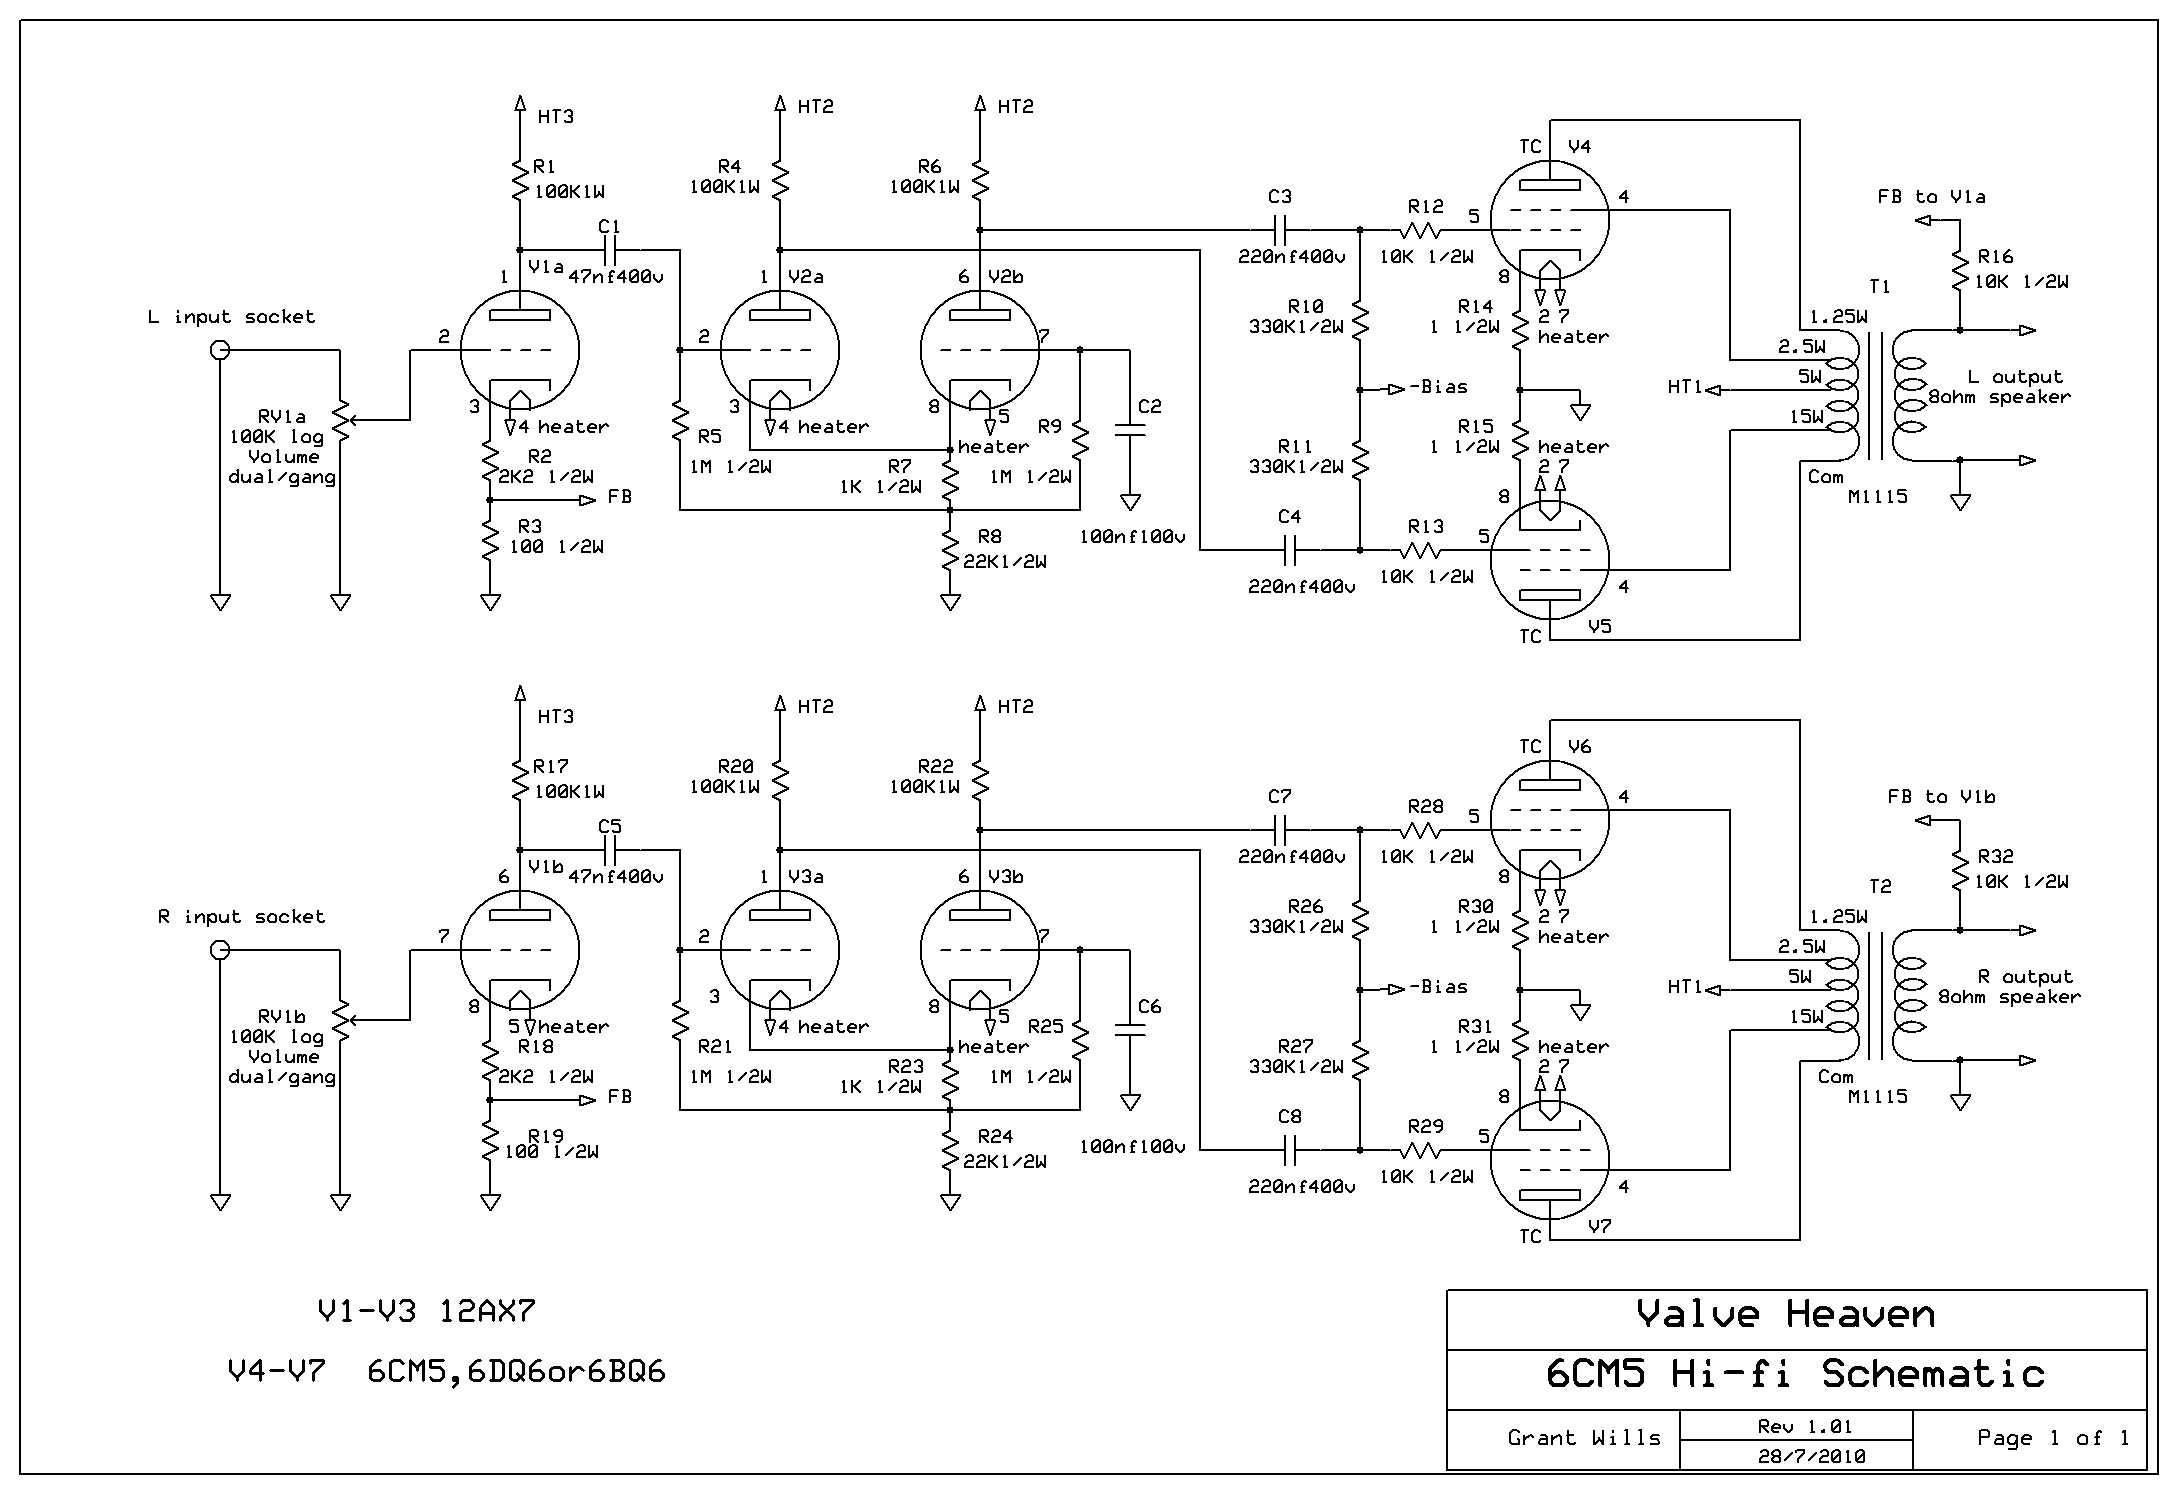 6CM5 Hi-fi Schematic